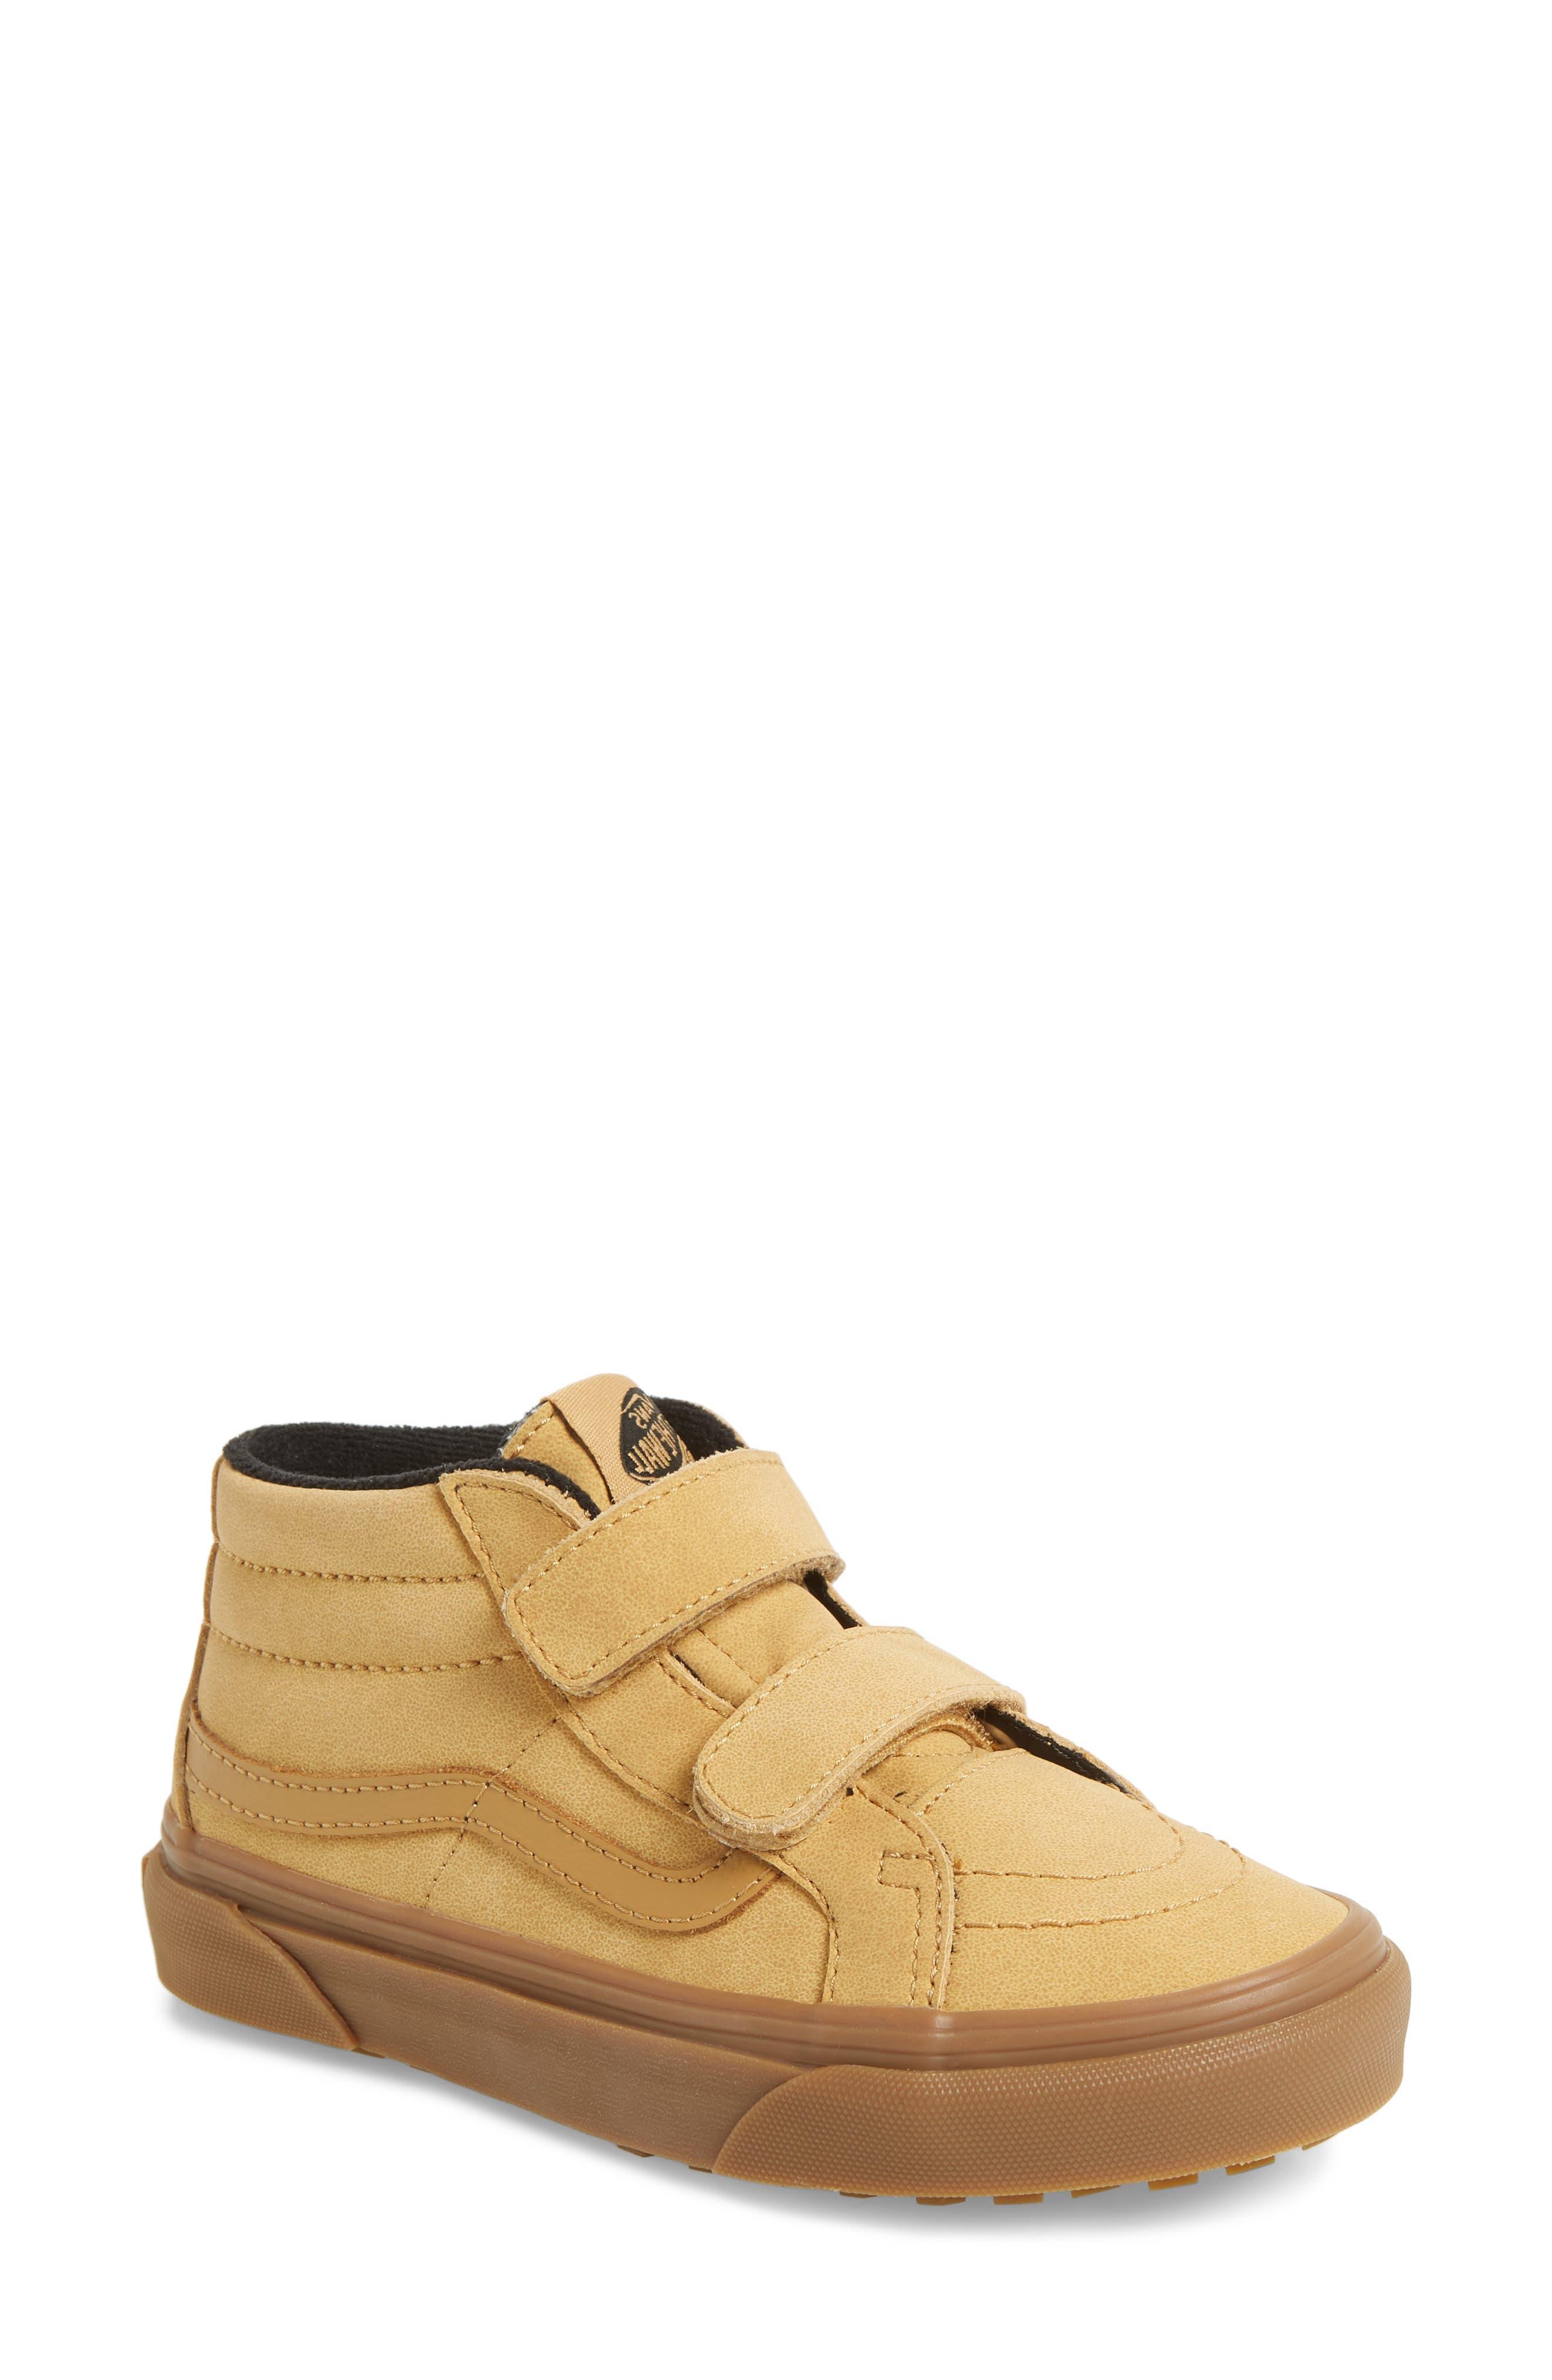 VANS,                             Sk8-Mid Reissue V Sneaker,                             Main thumbnail 1, color,                             VANSBUCK/ APPLE CINNAMON